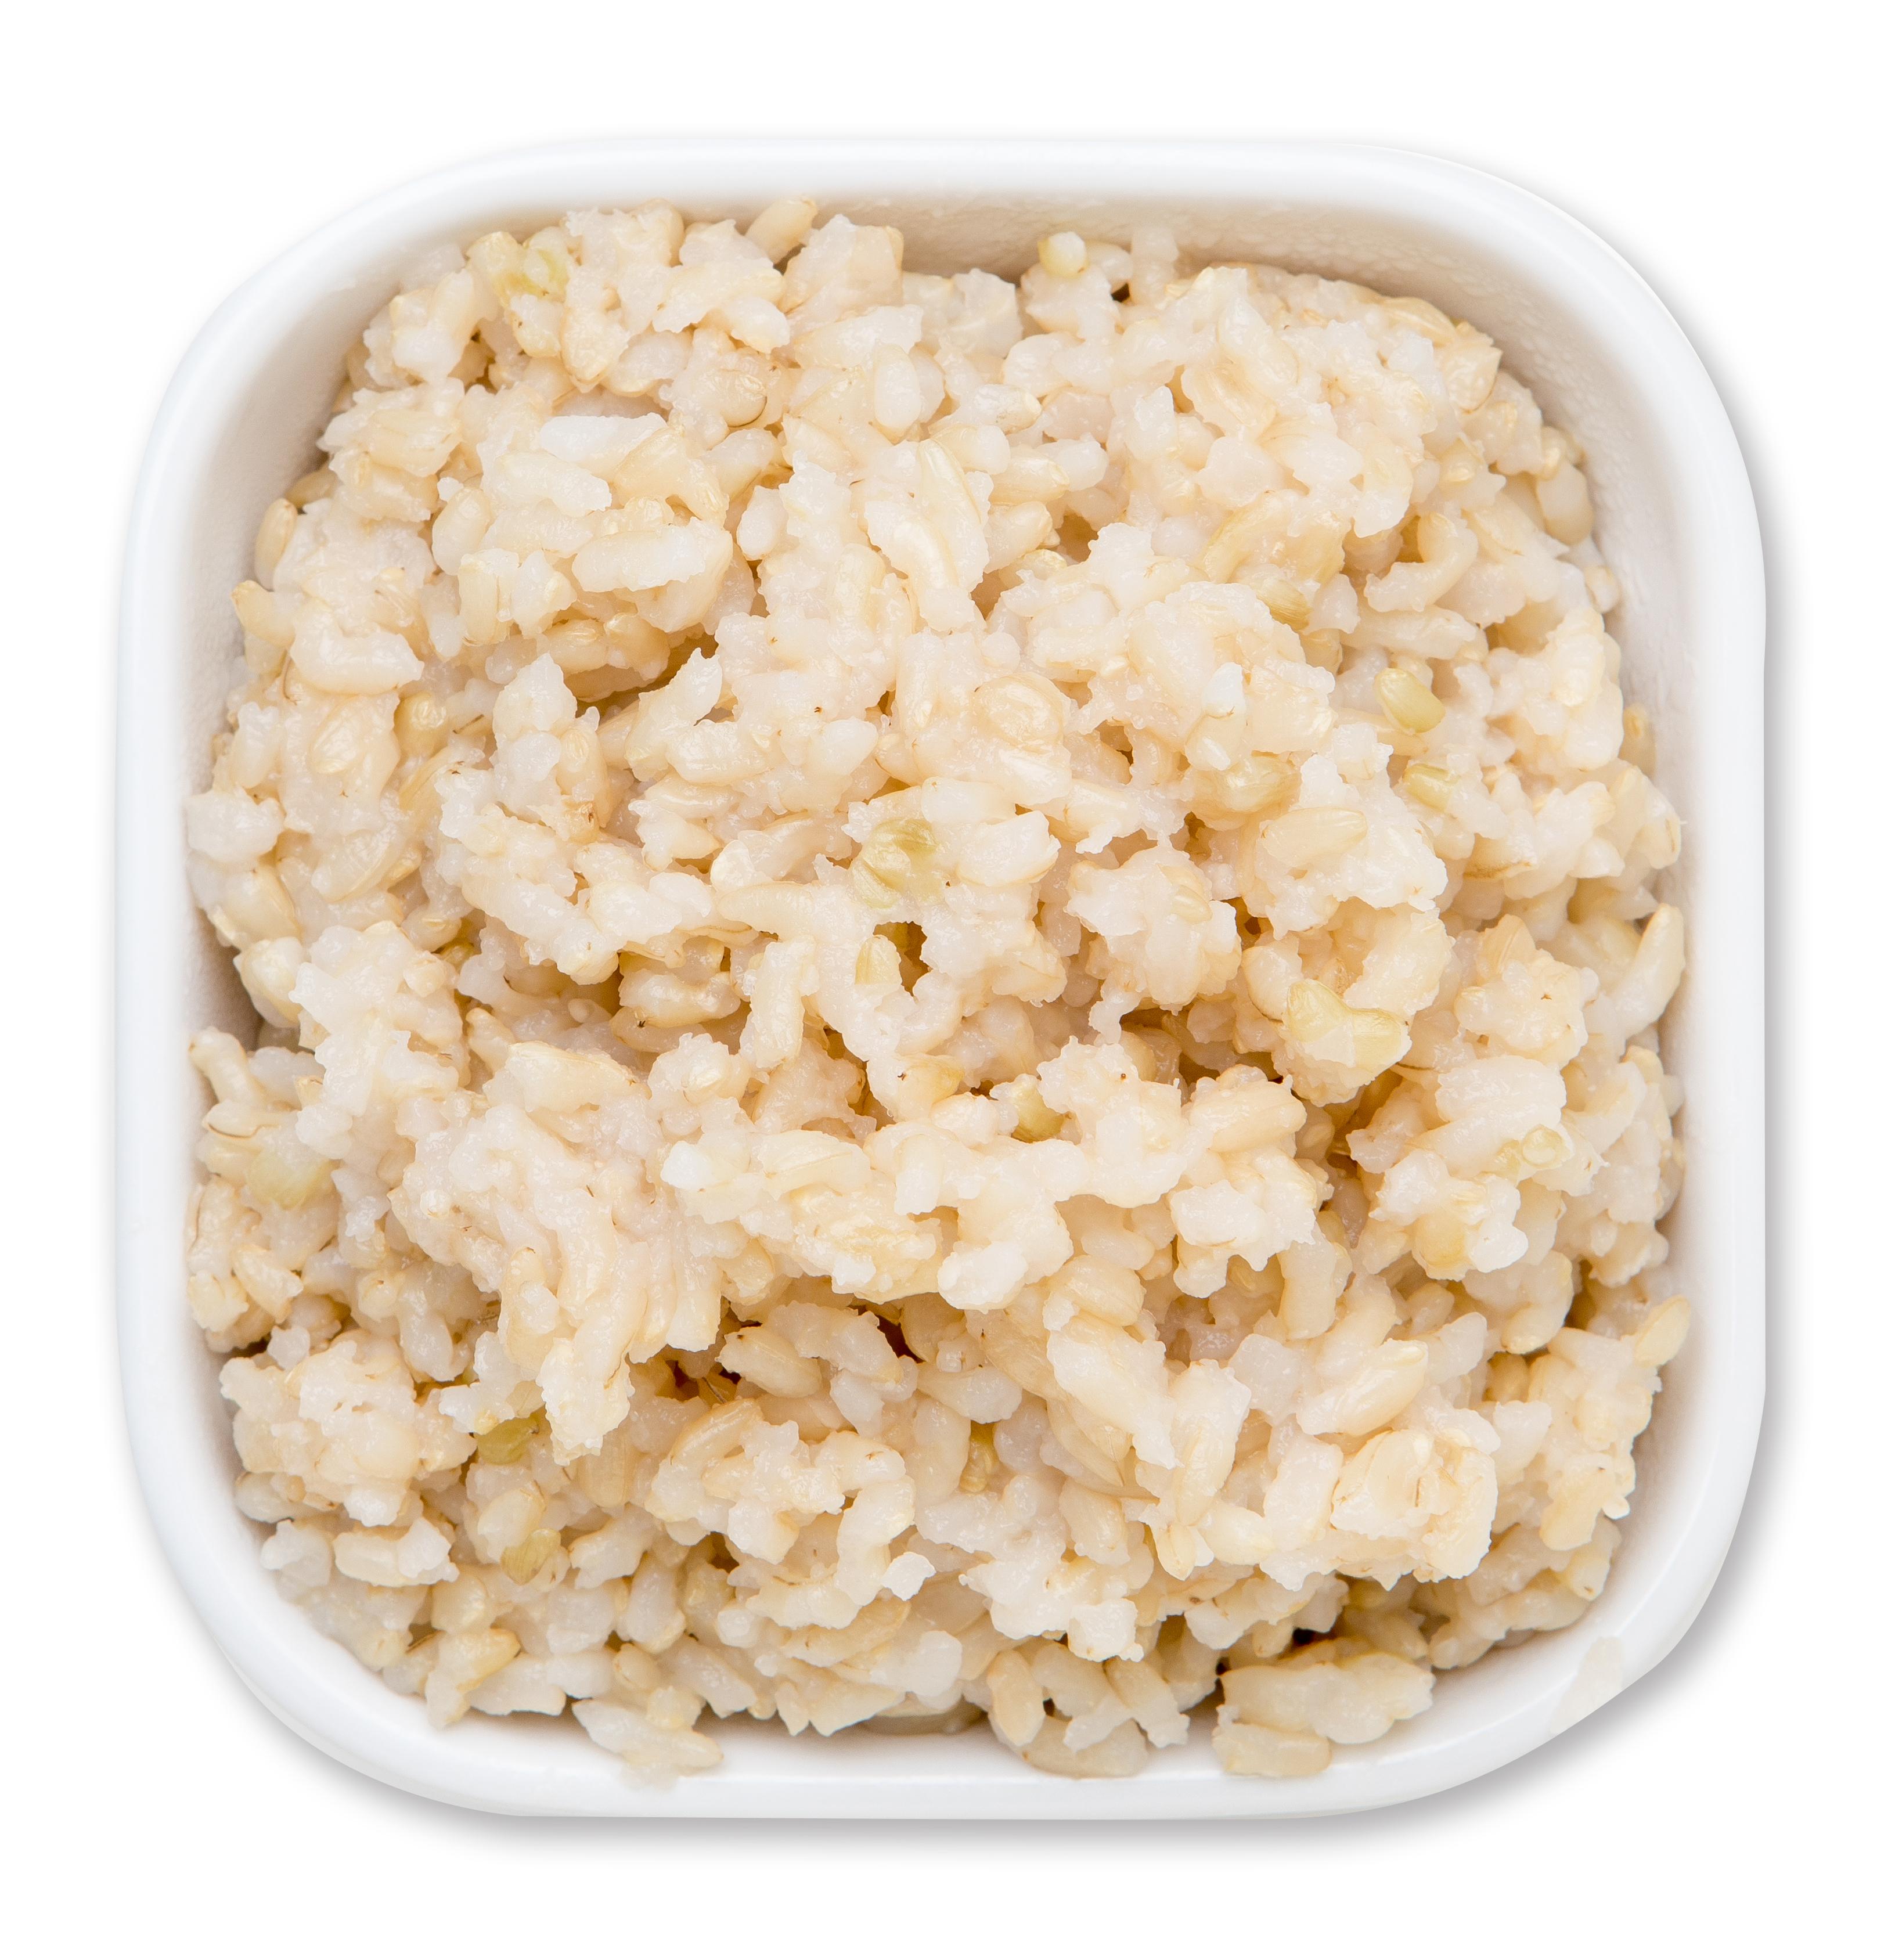 Photo of Seasoned Rice